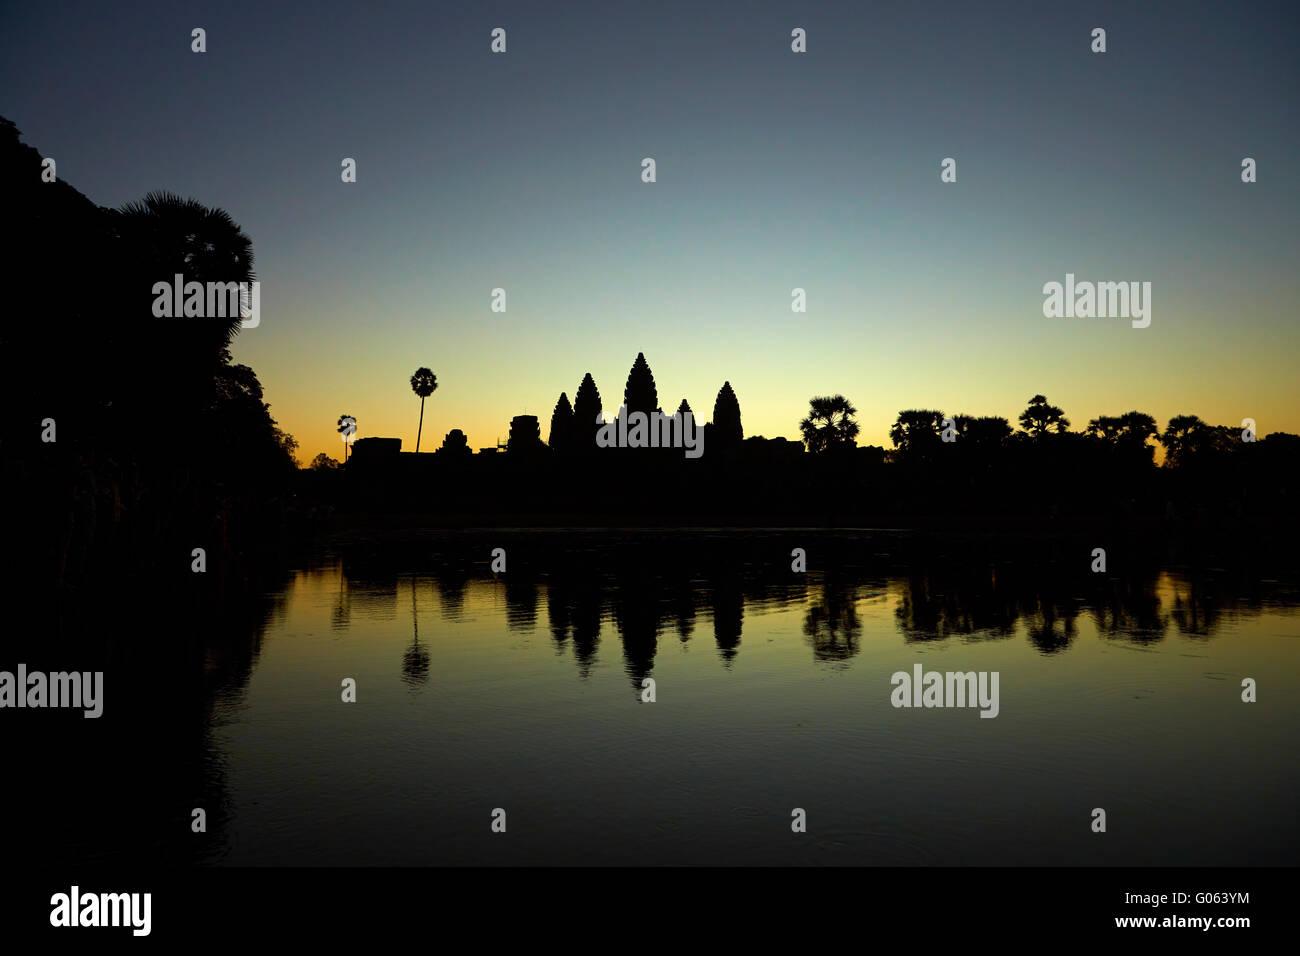 Amanecer en Angkor Wat, Angkor, sitio del Patrimonio Mundial, Siem Reap, Camboya Foto de stock